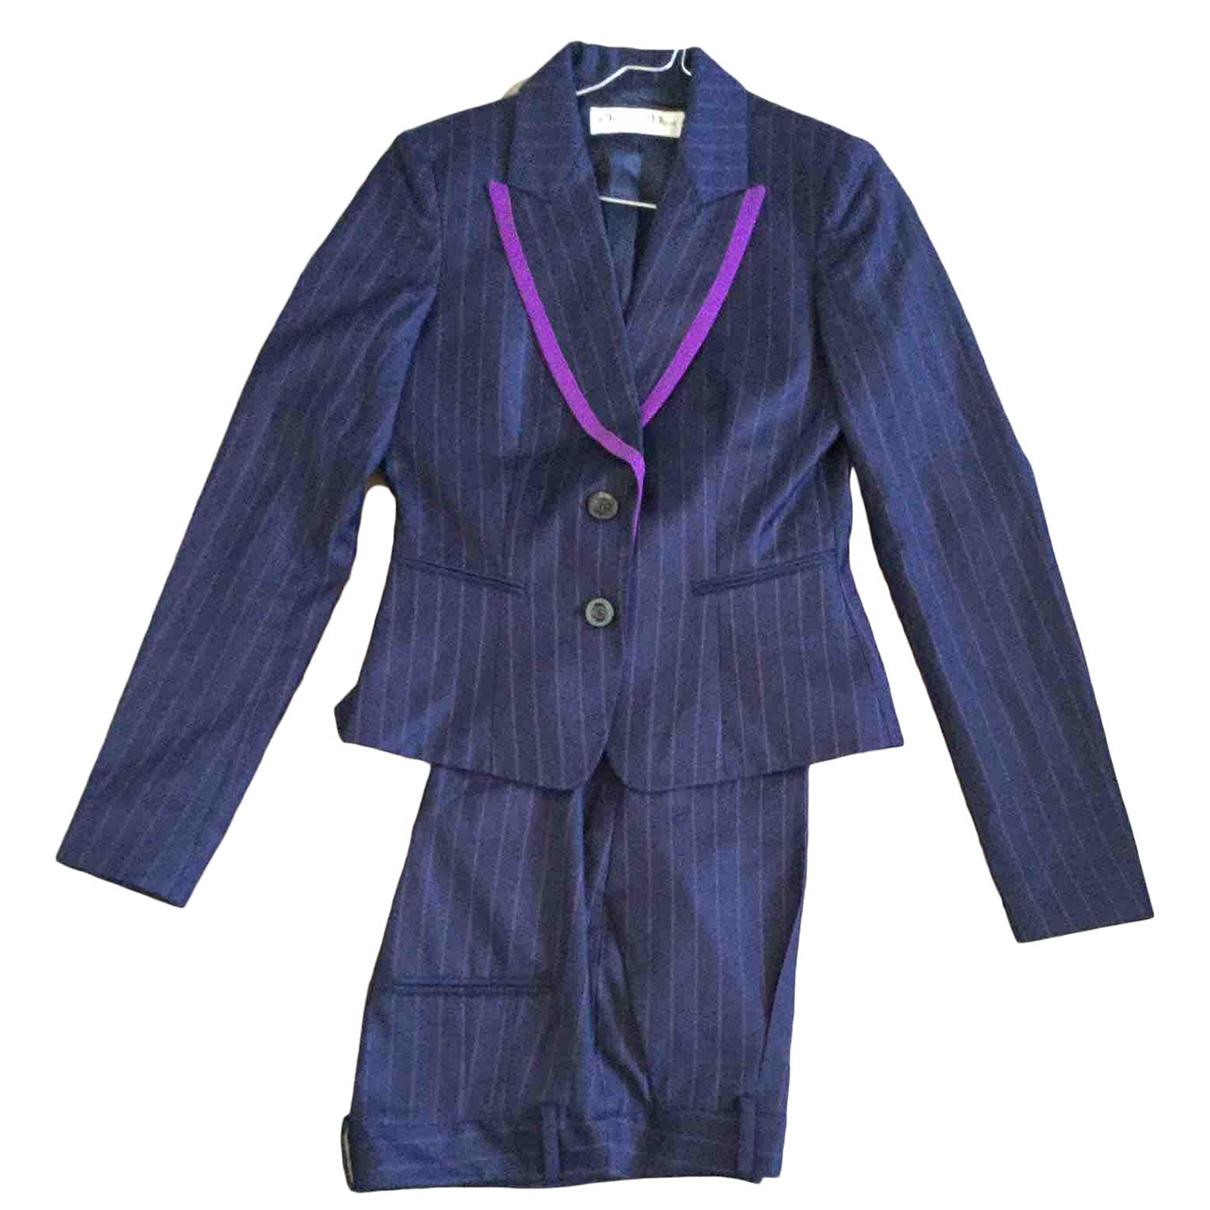 Dior \N Blue Wool jacket for Women 38 FR